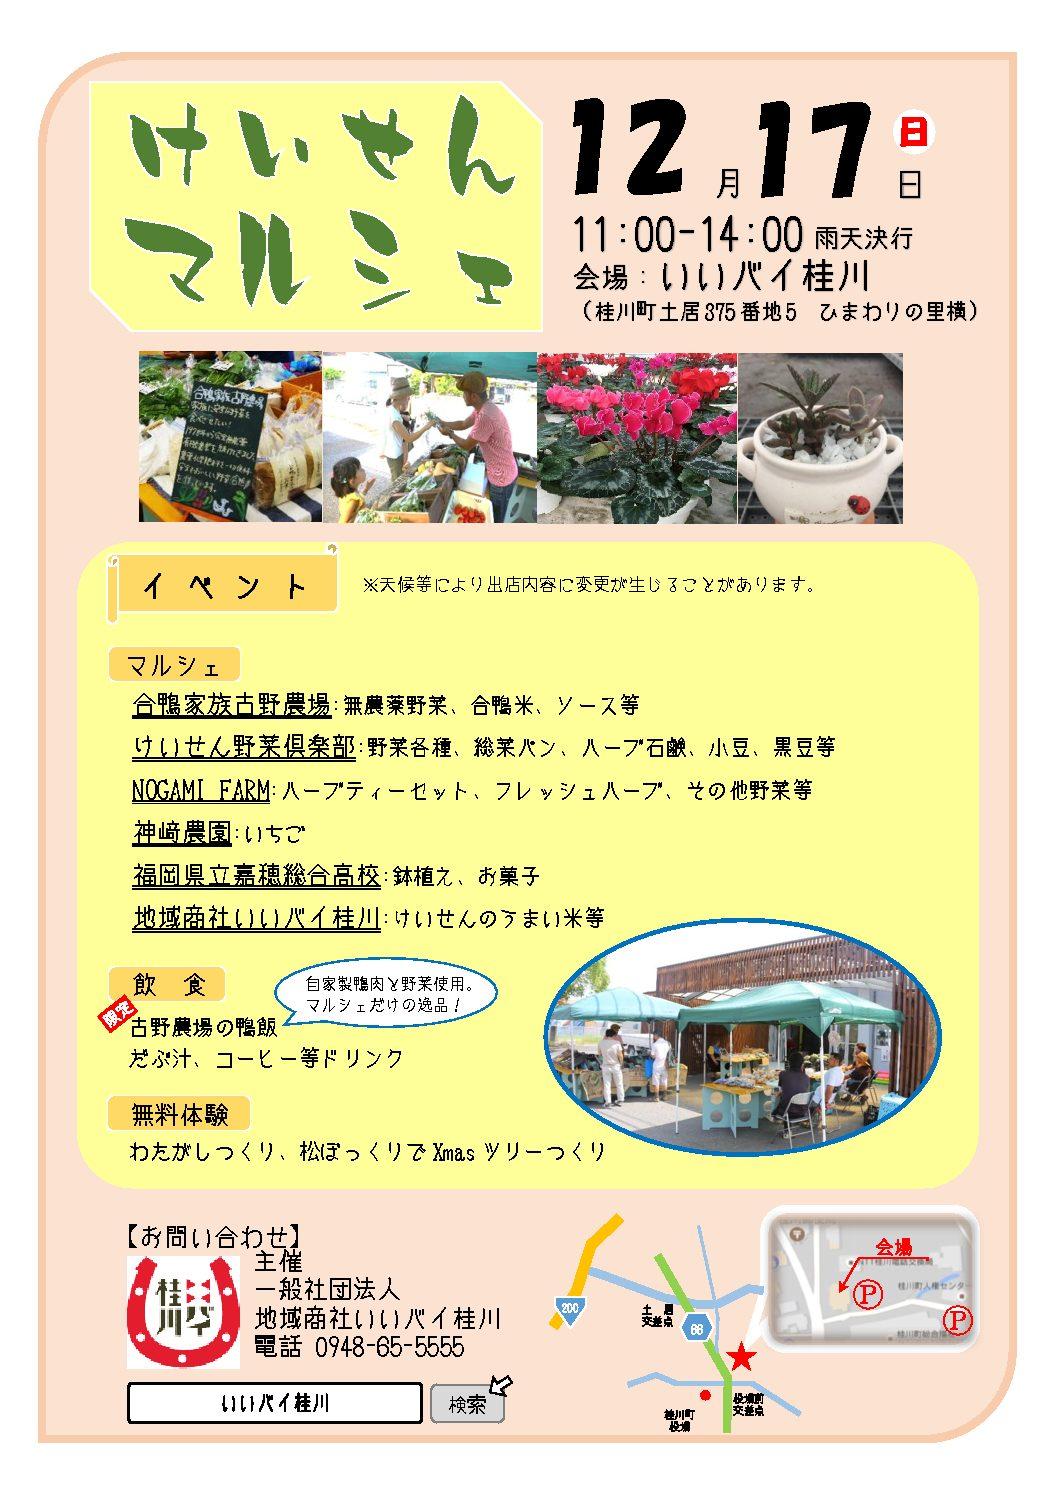 冬の桂川マルシェを開催します!